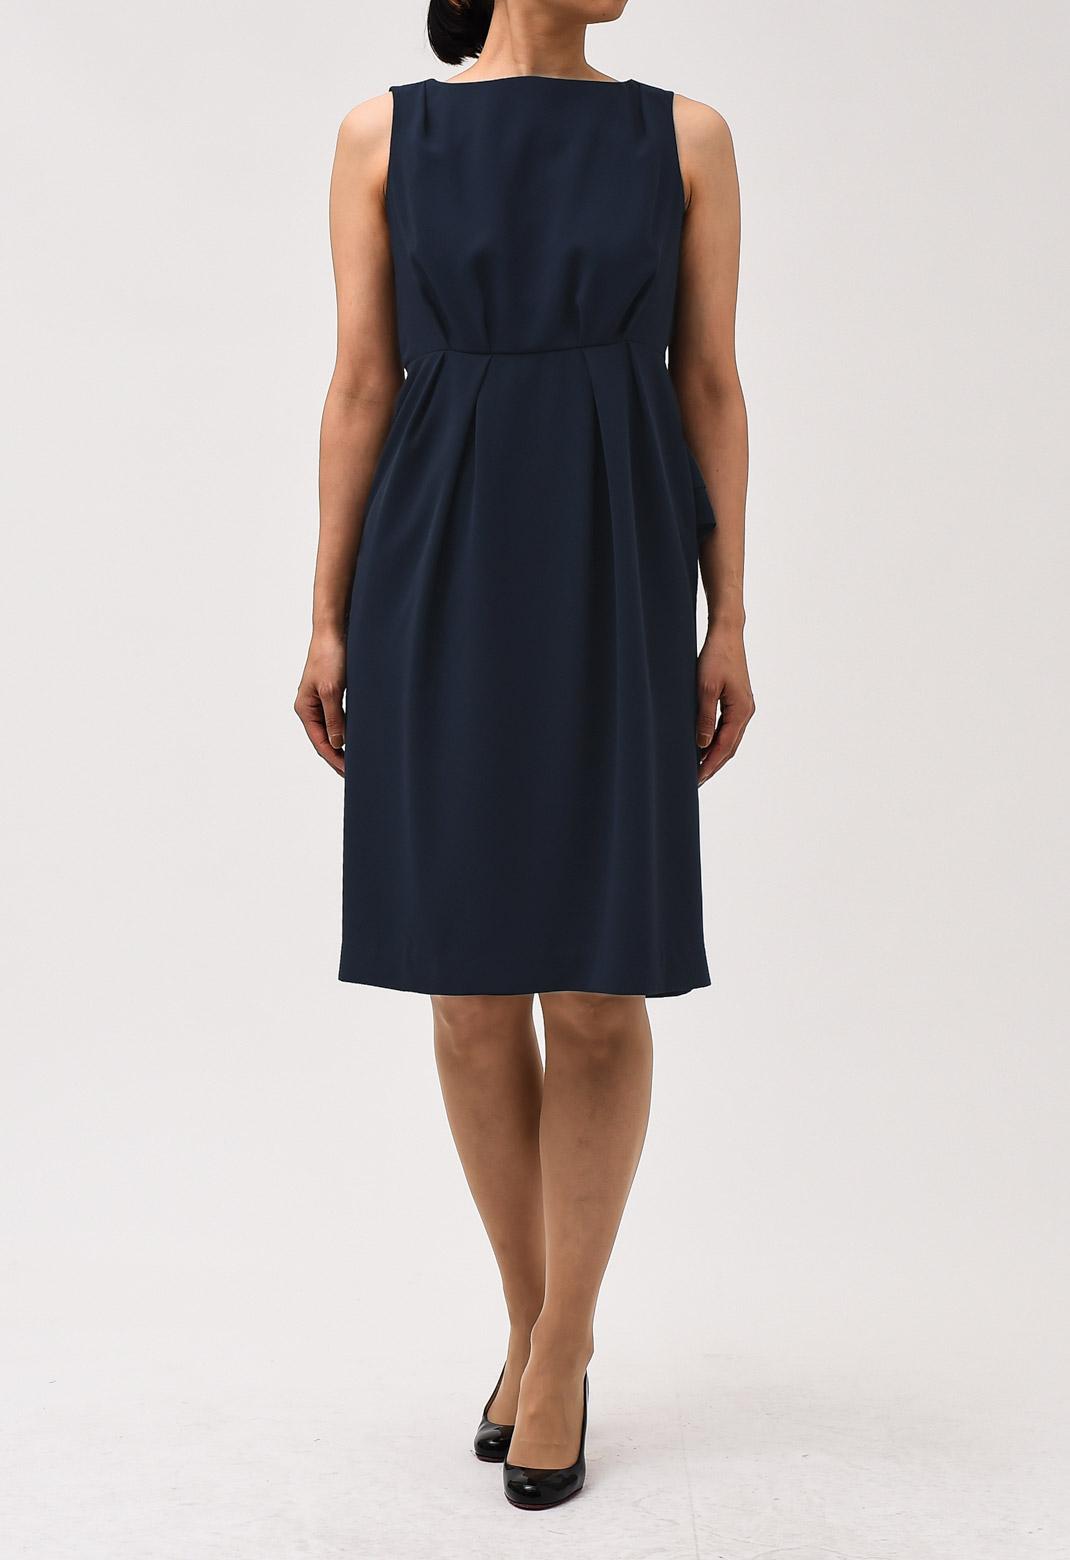 バックスタイル デザイン ノースリーブ ドレス